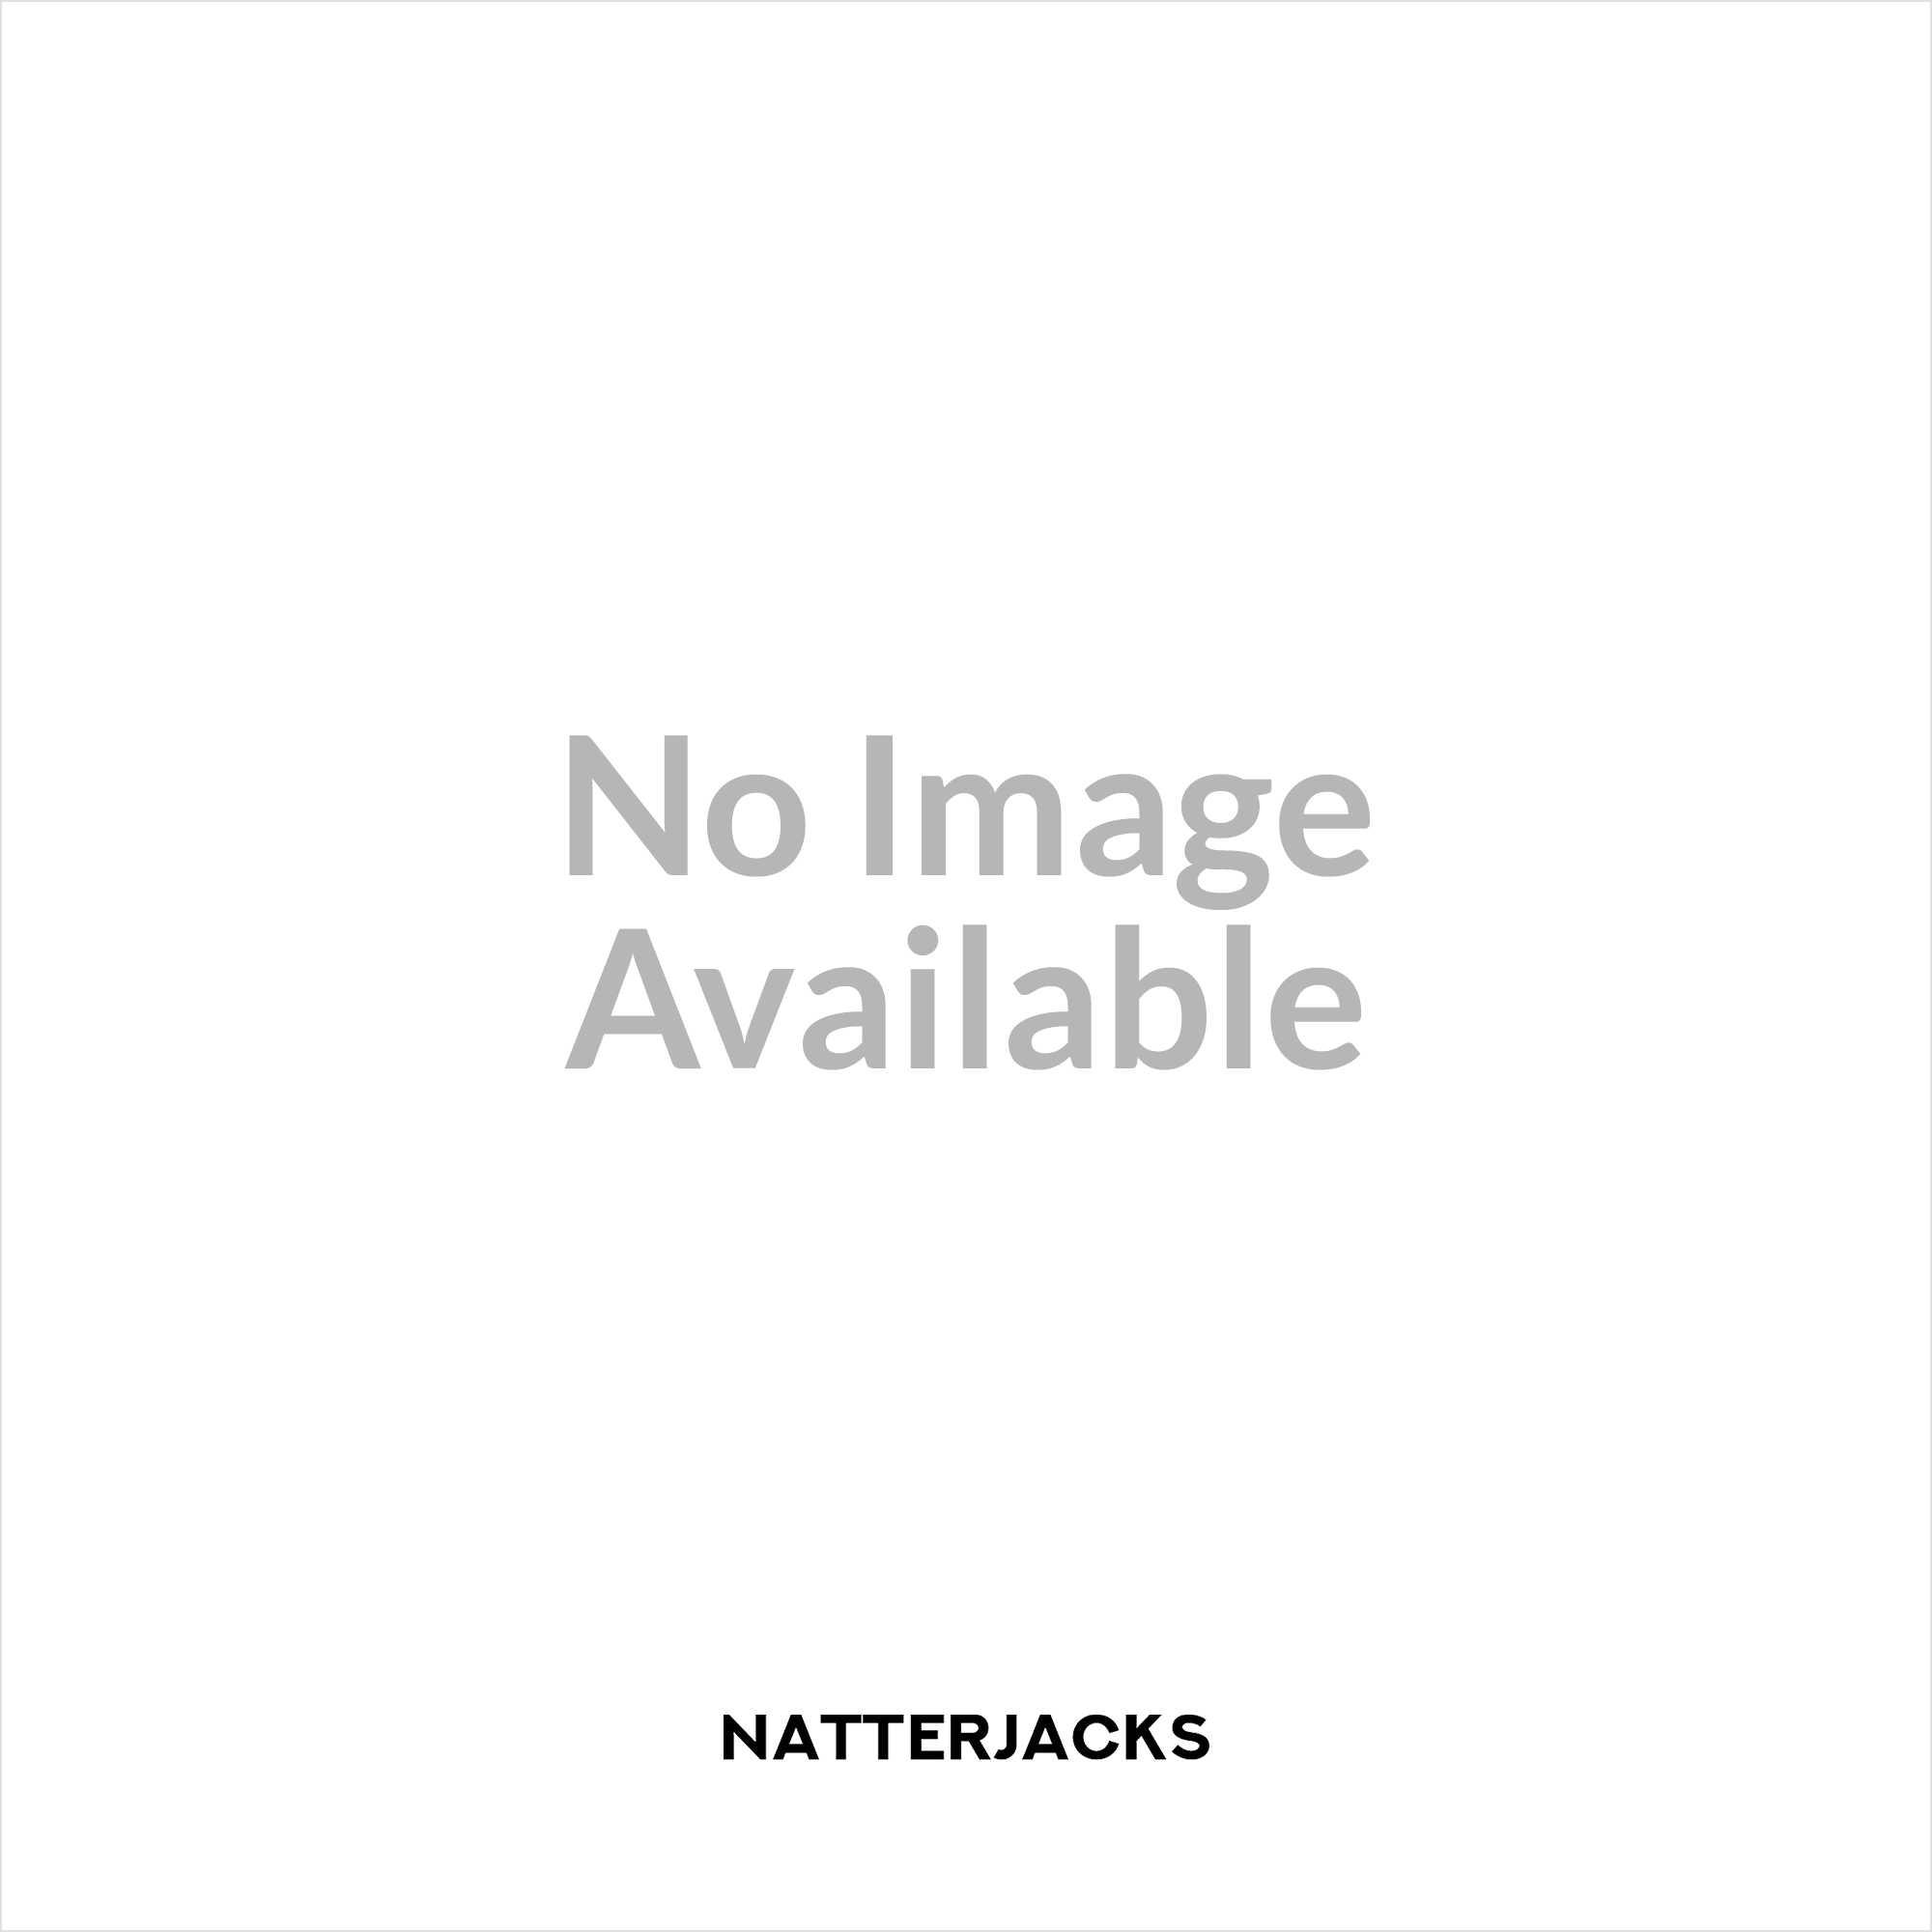 College Left Long Sleeve T-shirt - Black/White